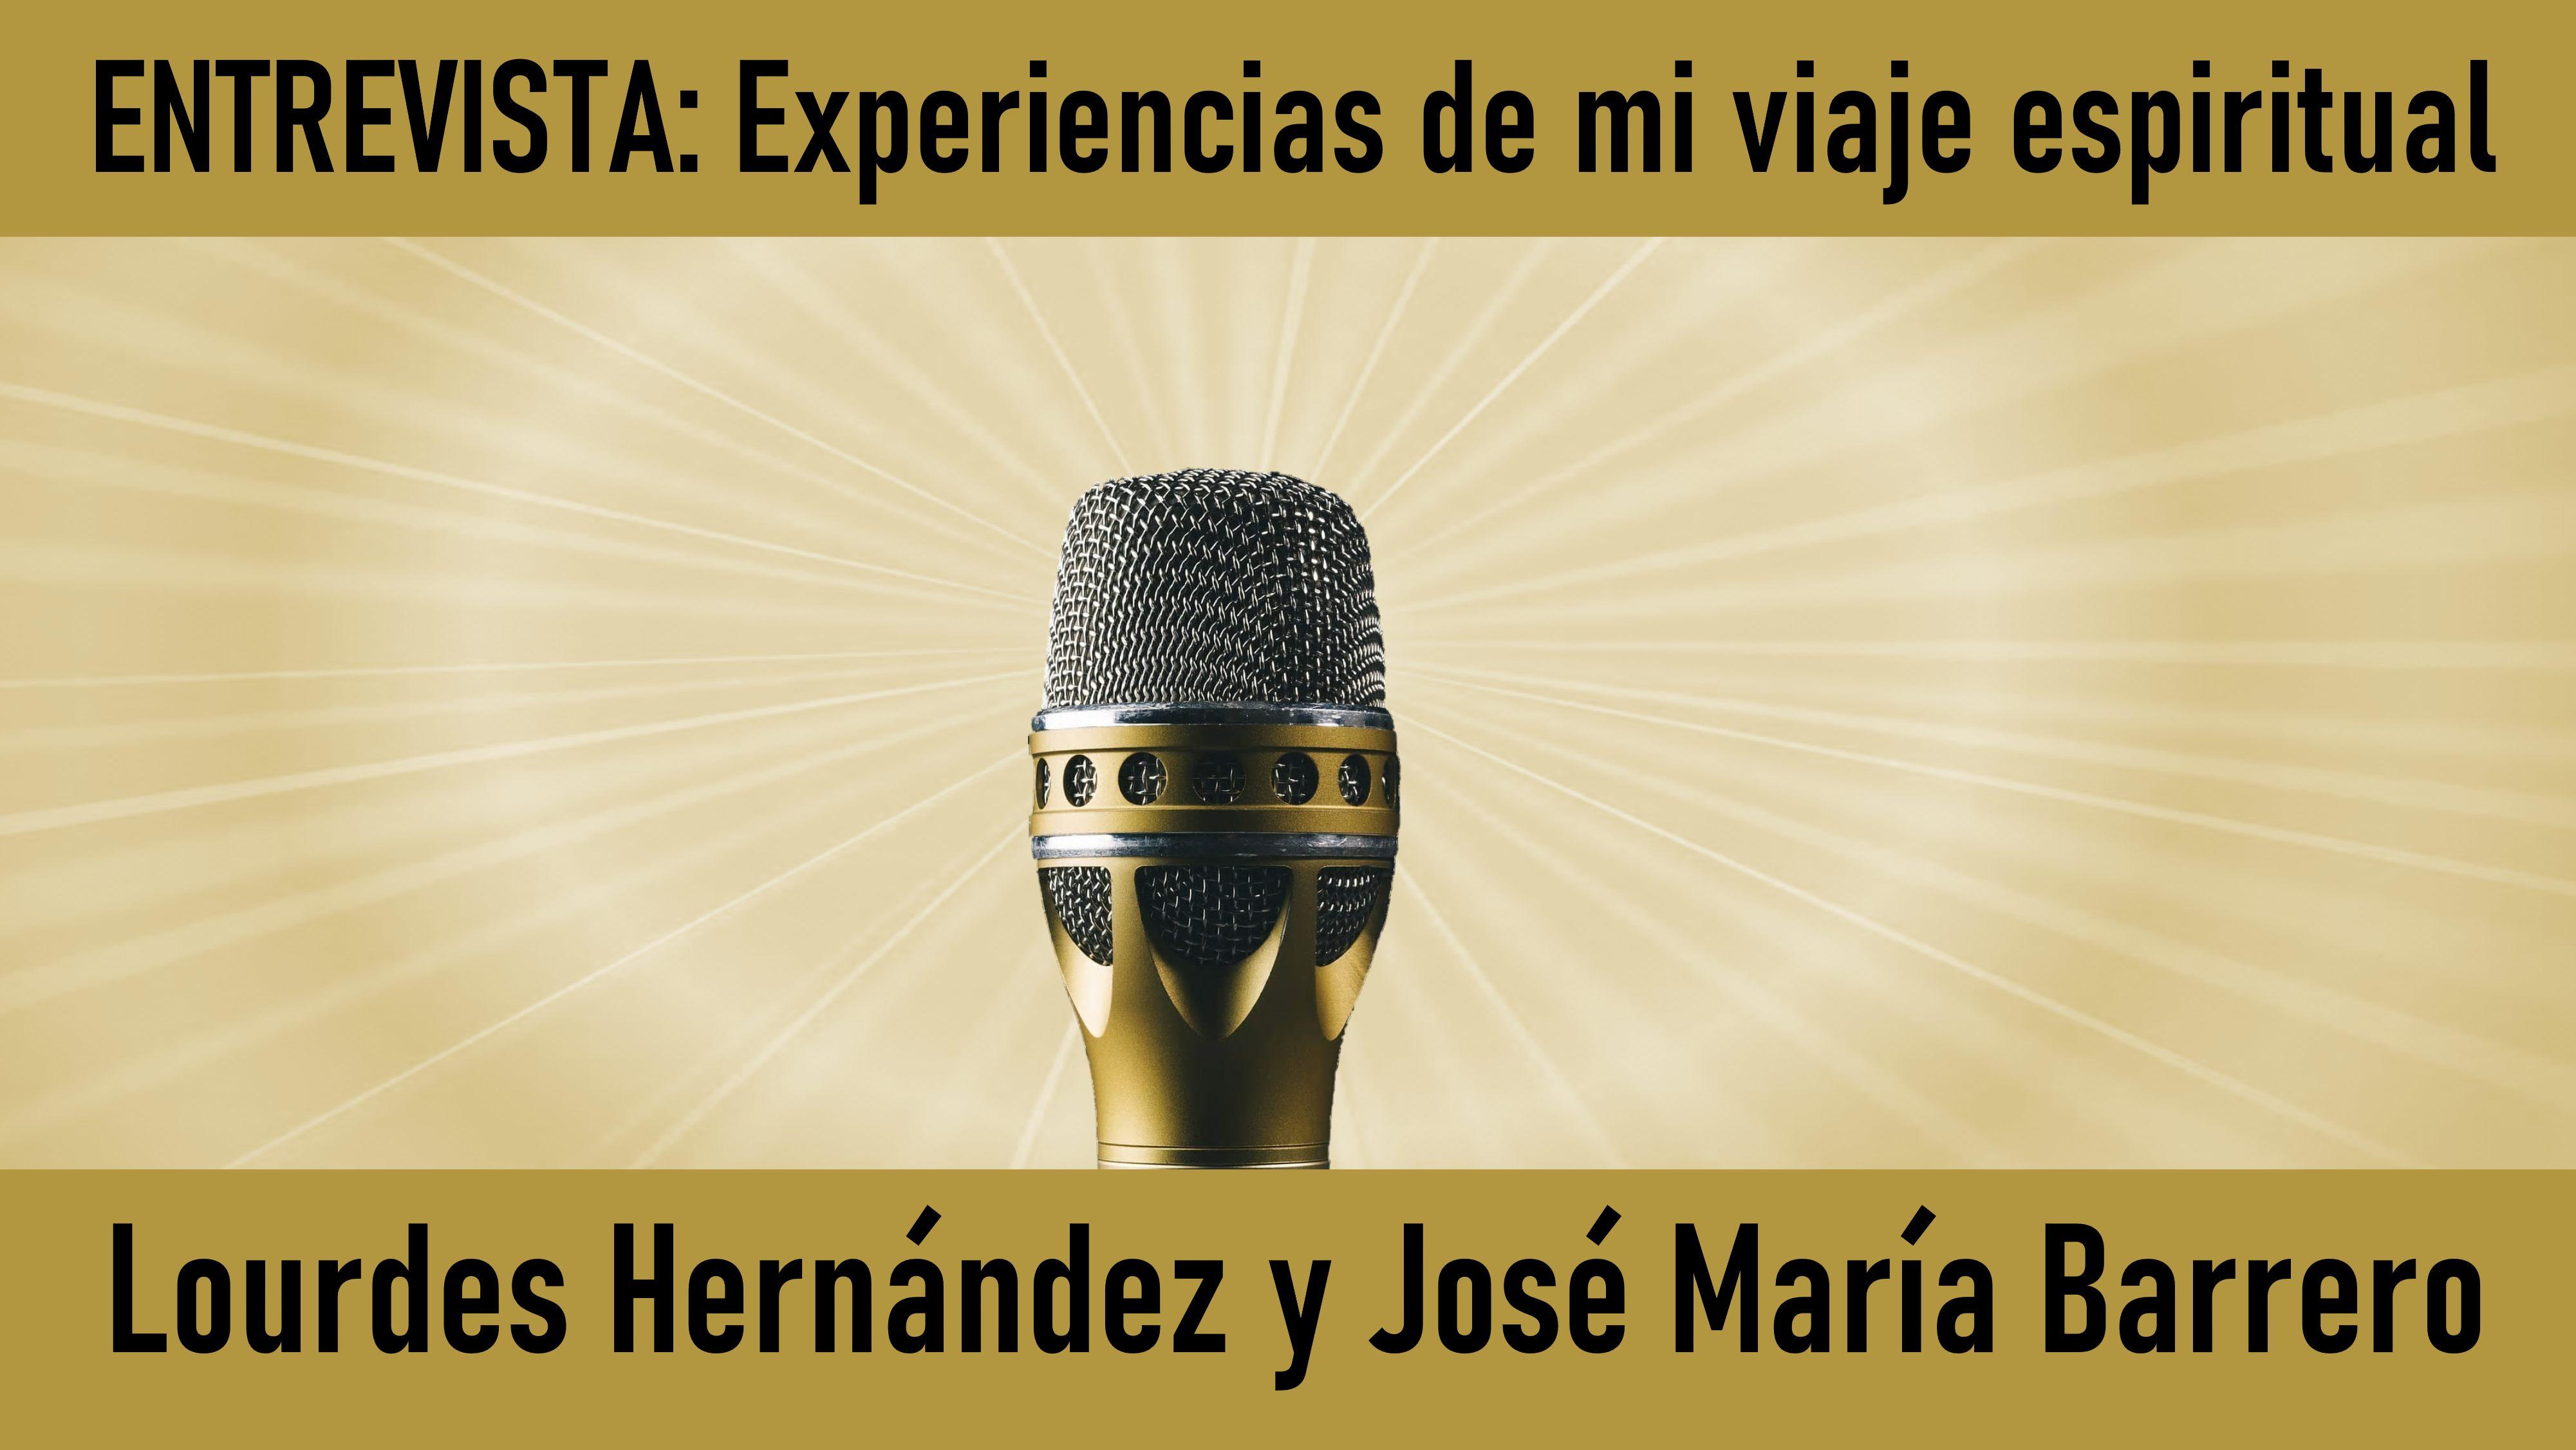 Entrevista: Mi viaje espiritual de Lourdes Hernández y José Barrero (3 Julio 2020)